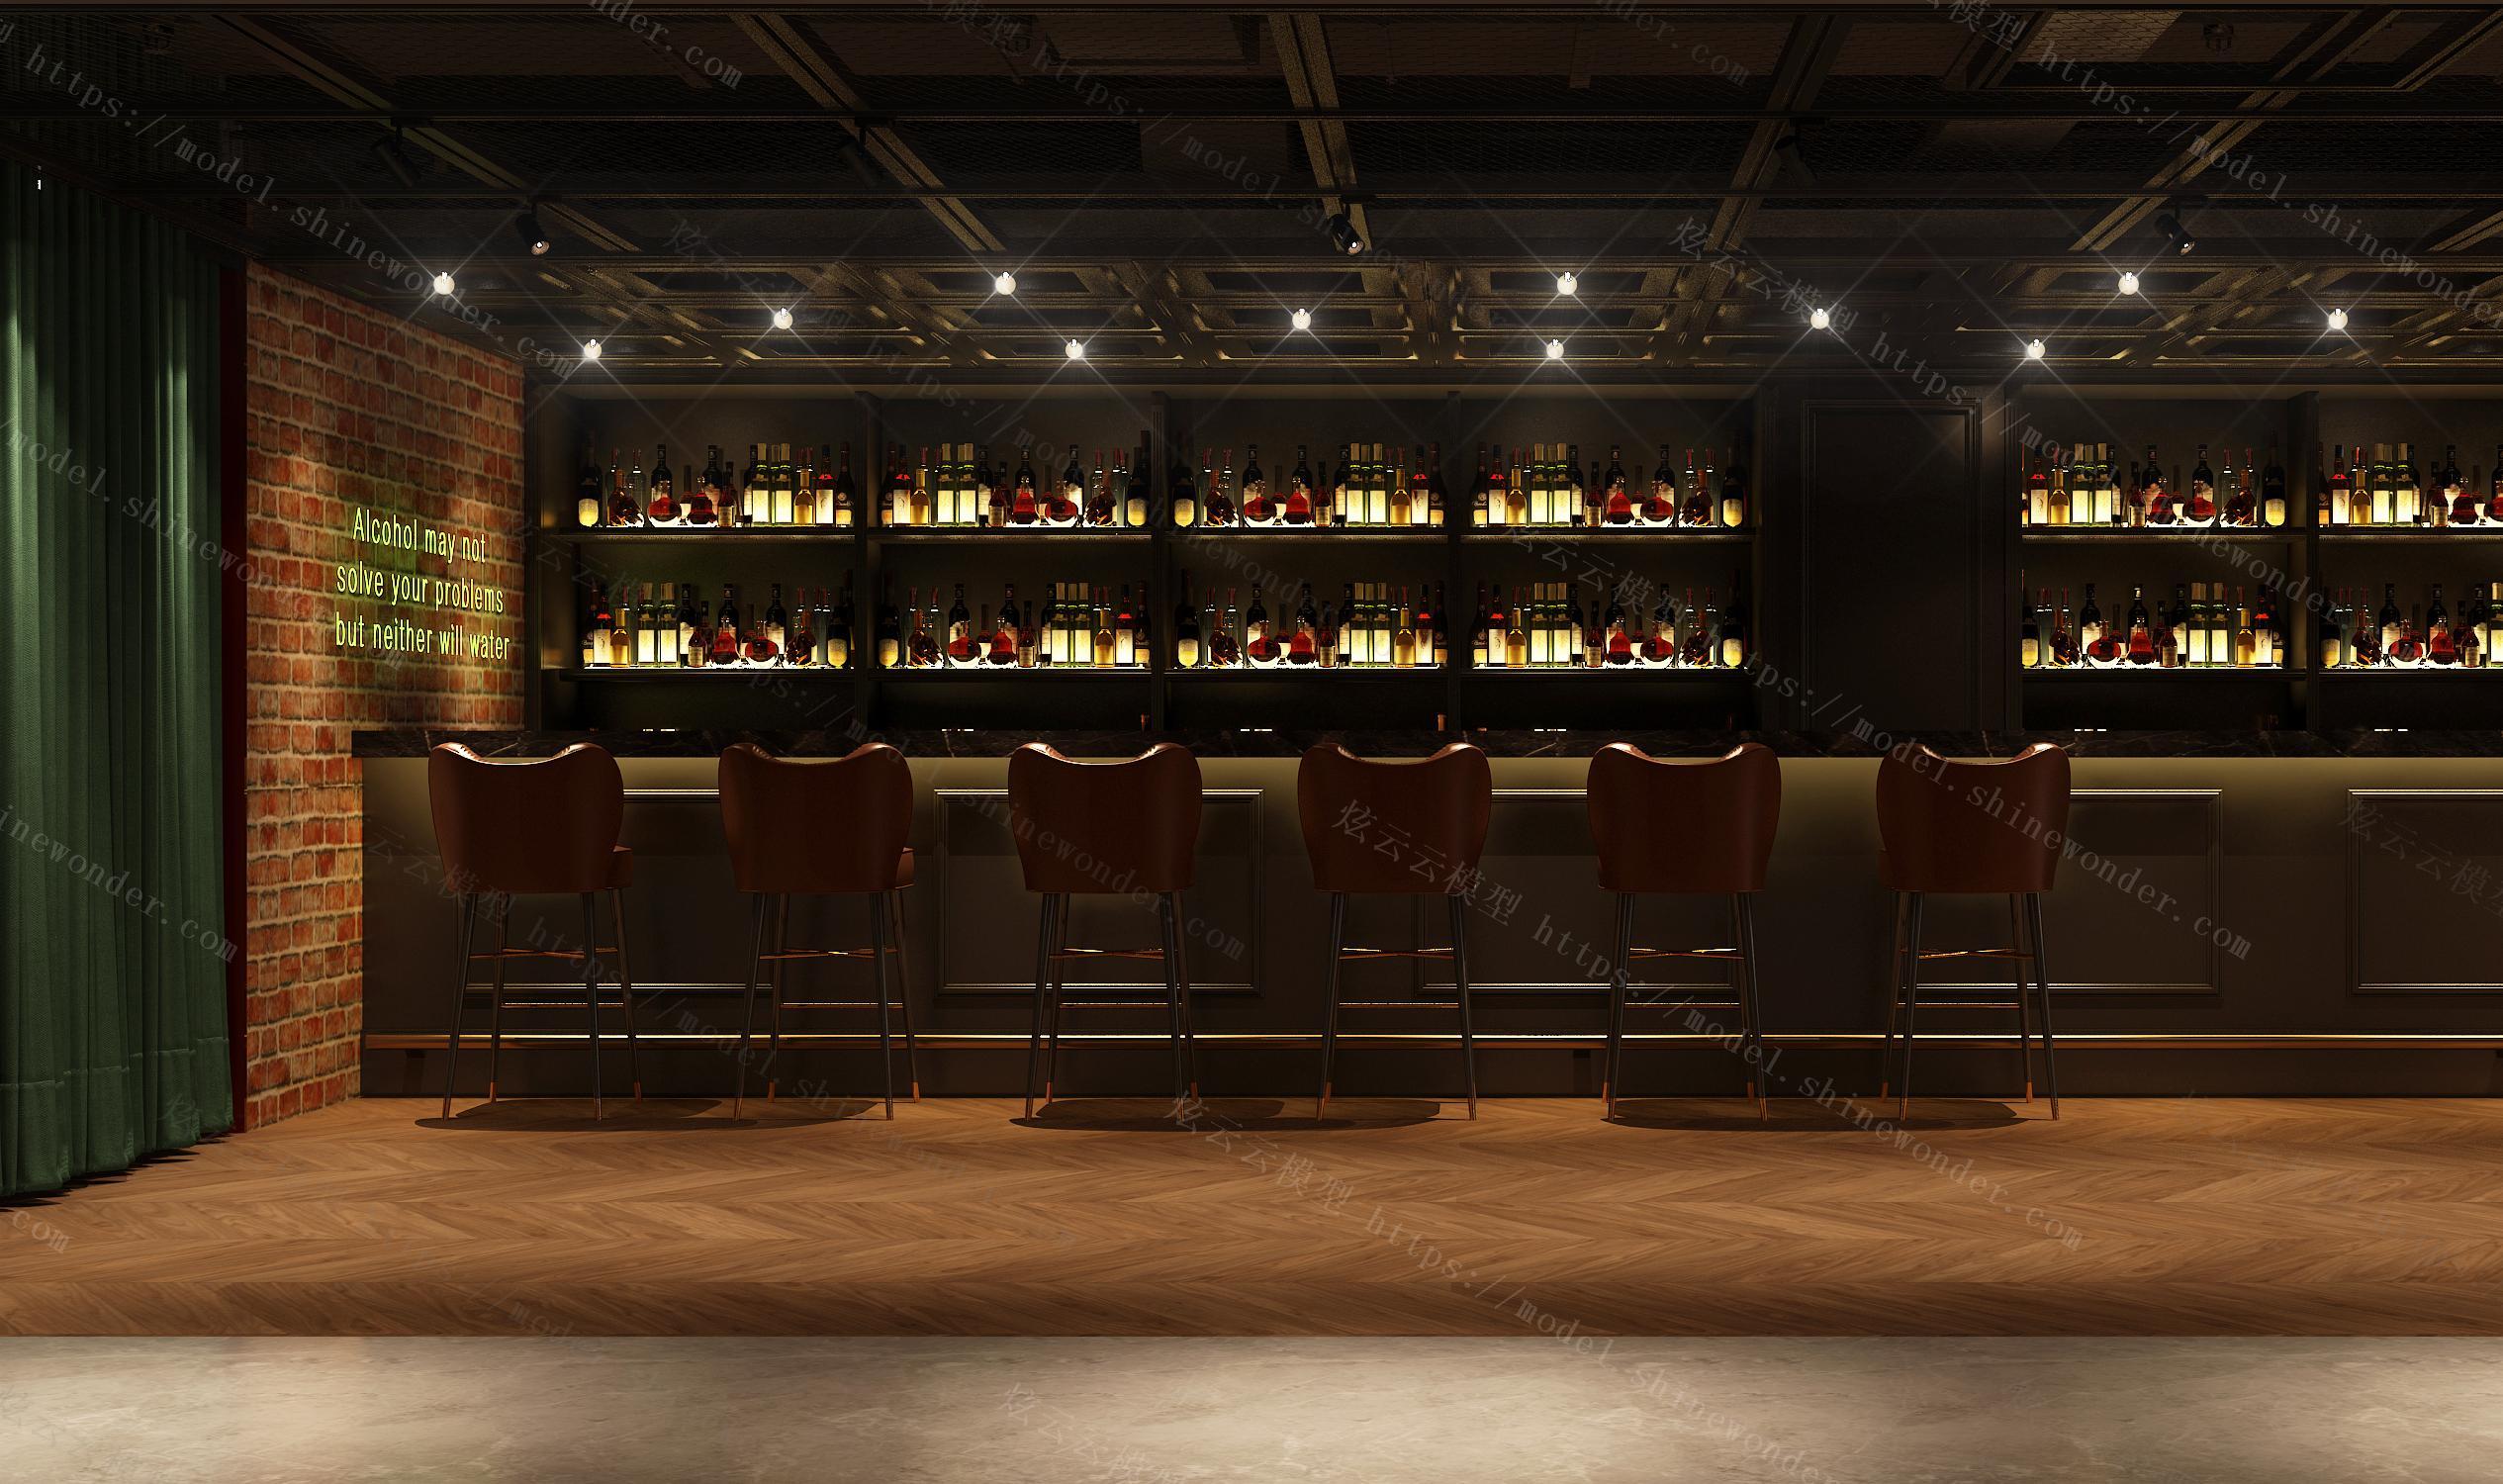 威士忌酒吧模型